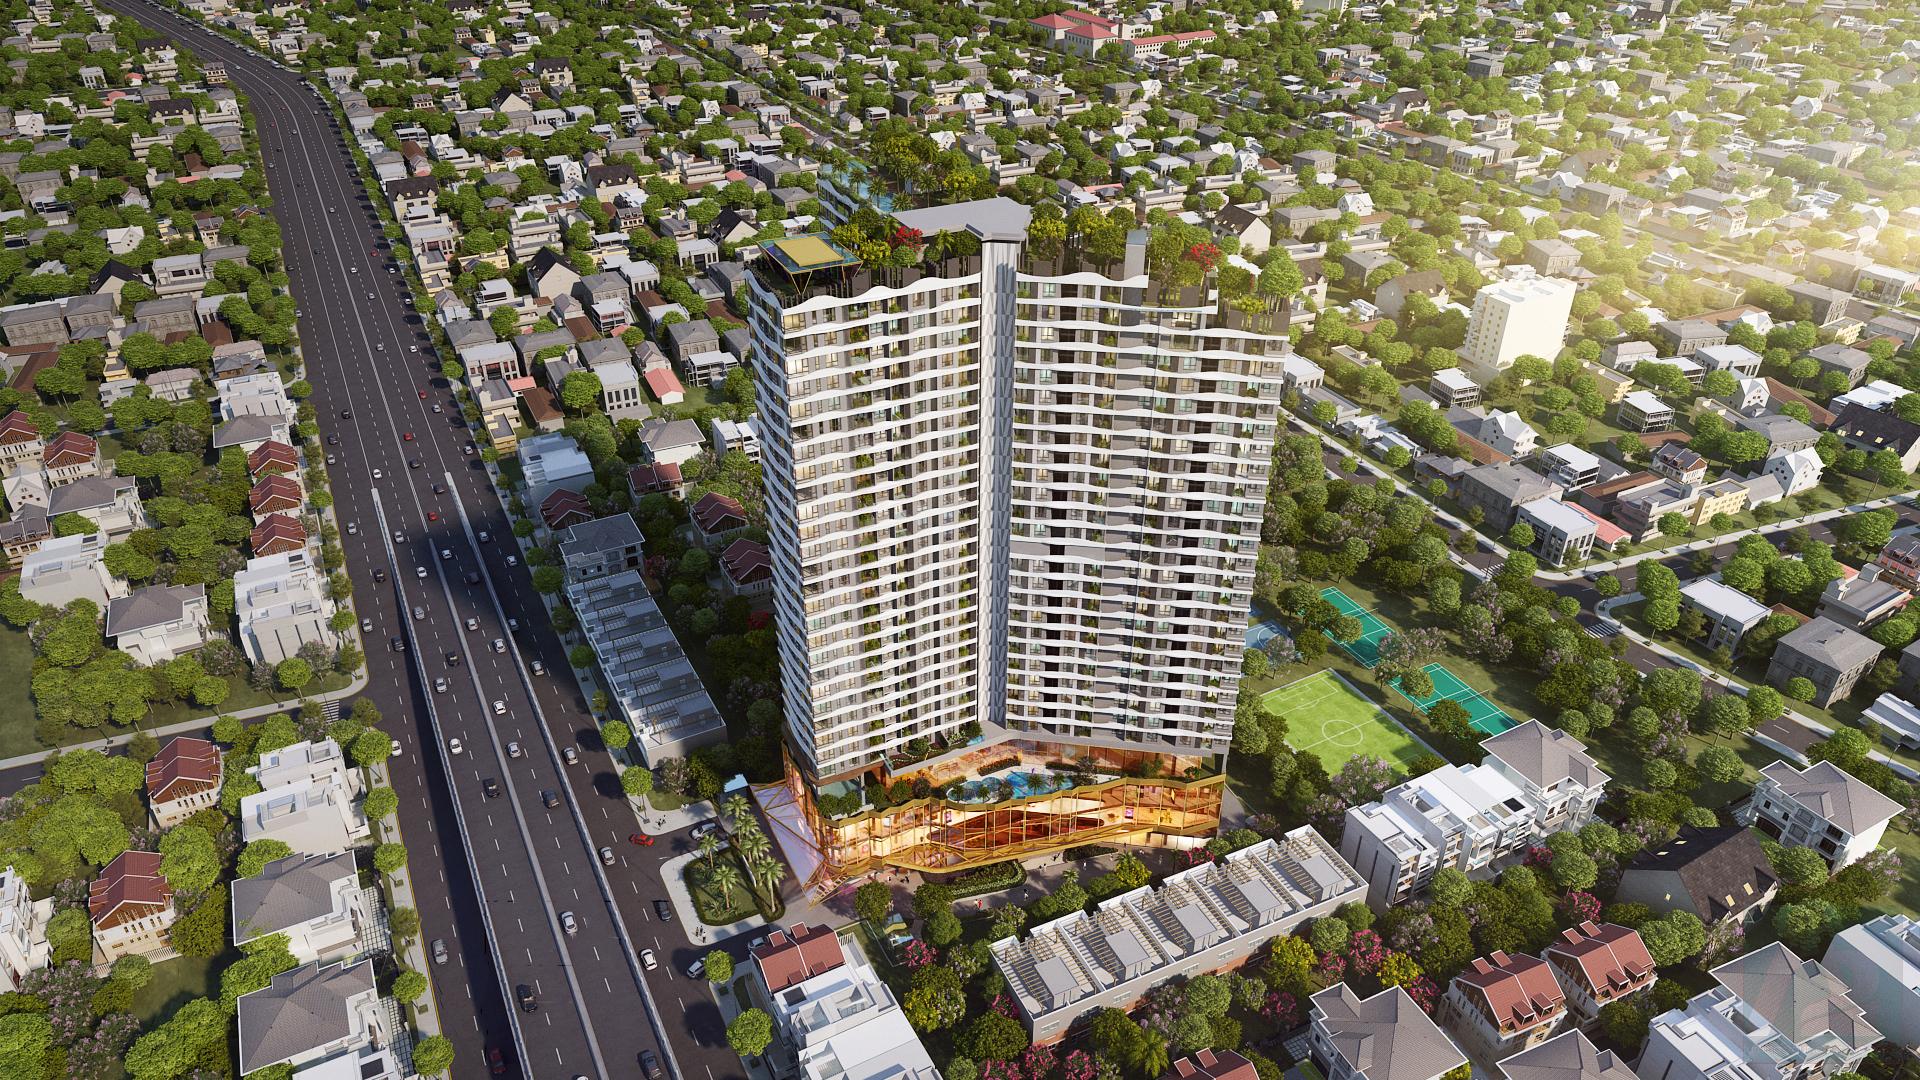 Thiết kế kiến trúc chữ Nhân vượng phong thủy của dự án D-Hommme quận 6